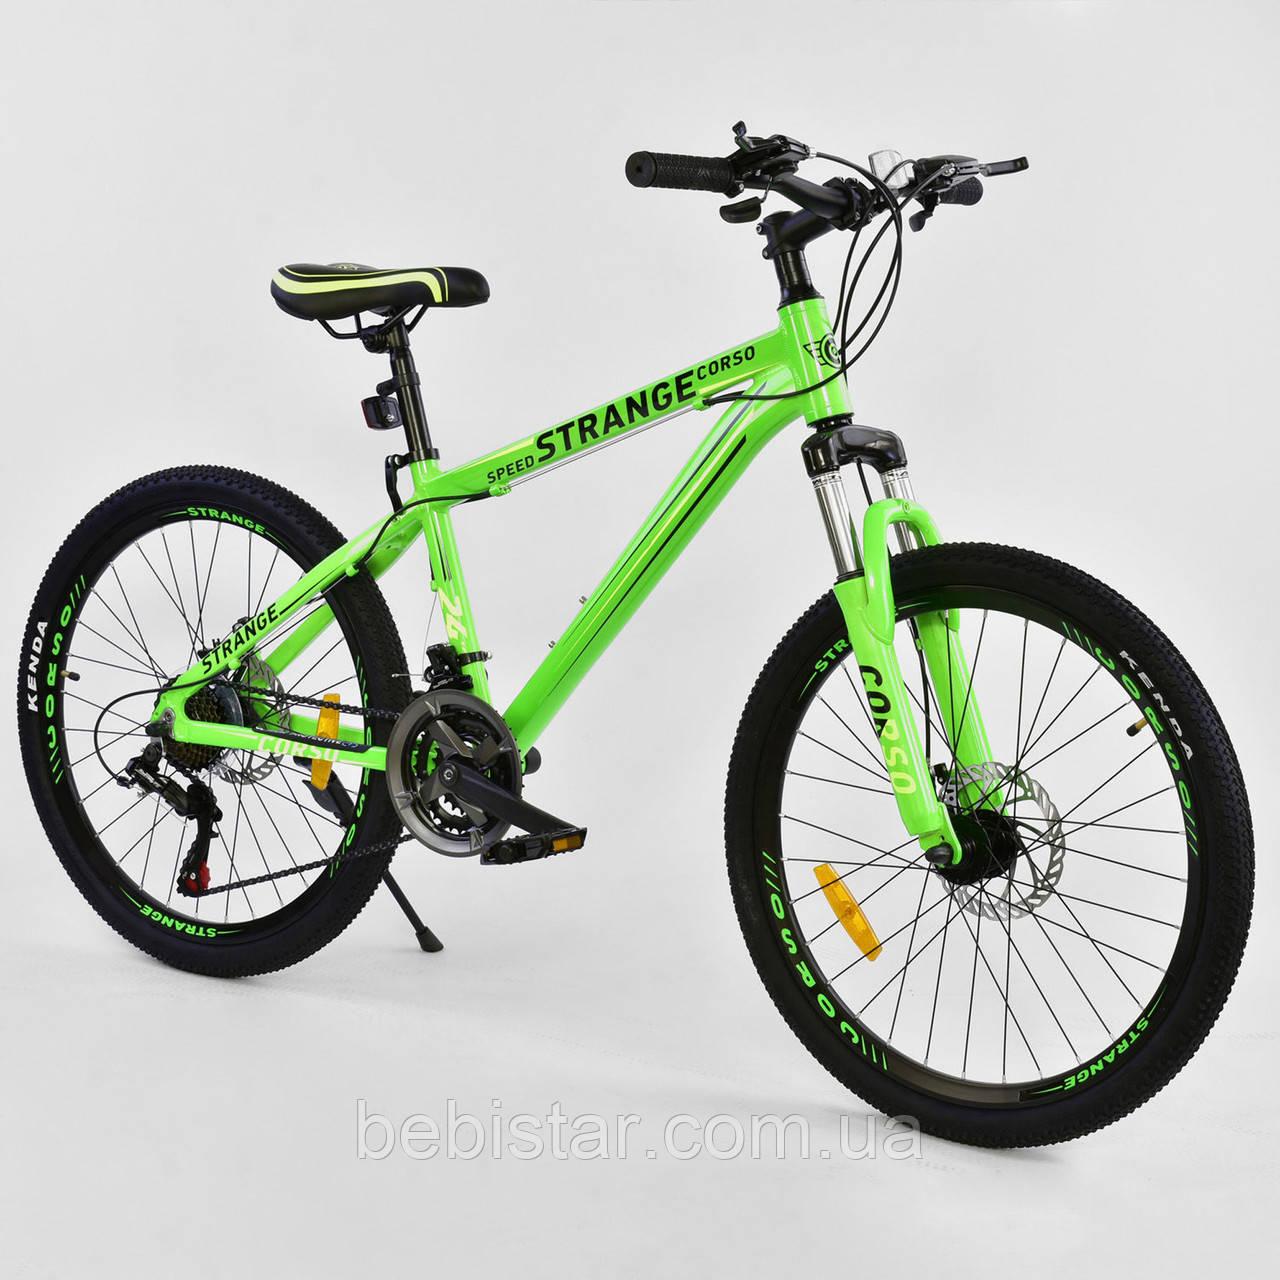 """Спортивный велосипед зеленый CORSO Strange 24 дюймов 21 скорость алюминиевая рама 13"""" детям от 8 лет"""